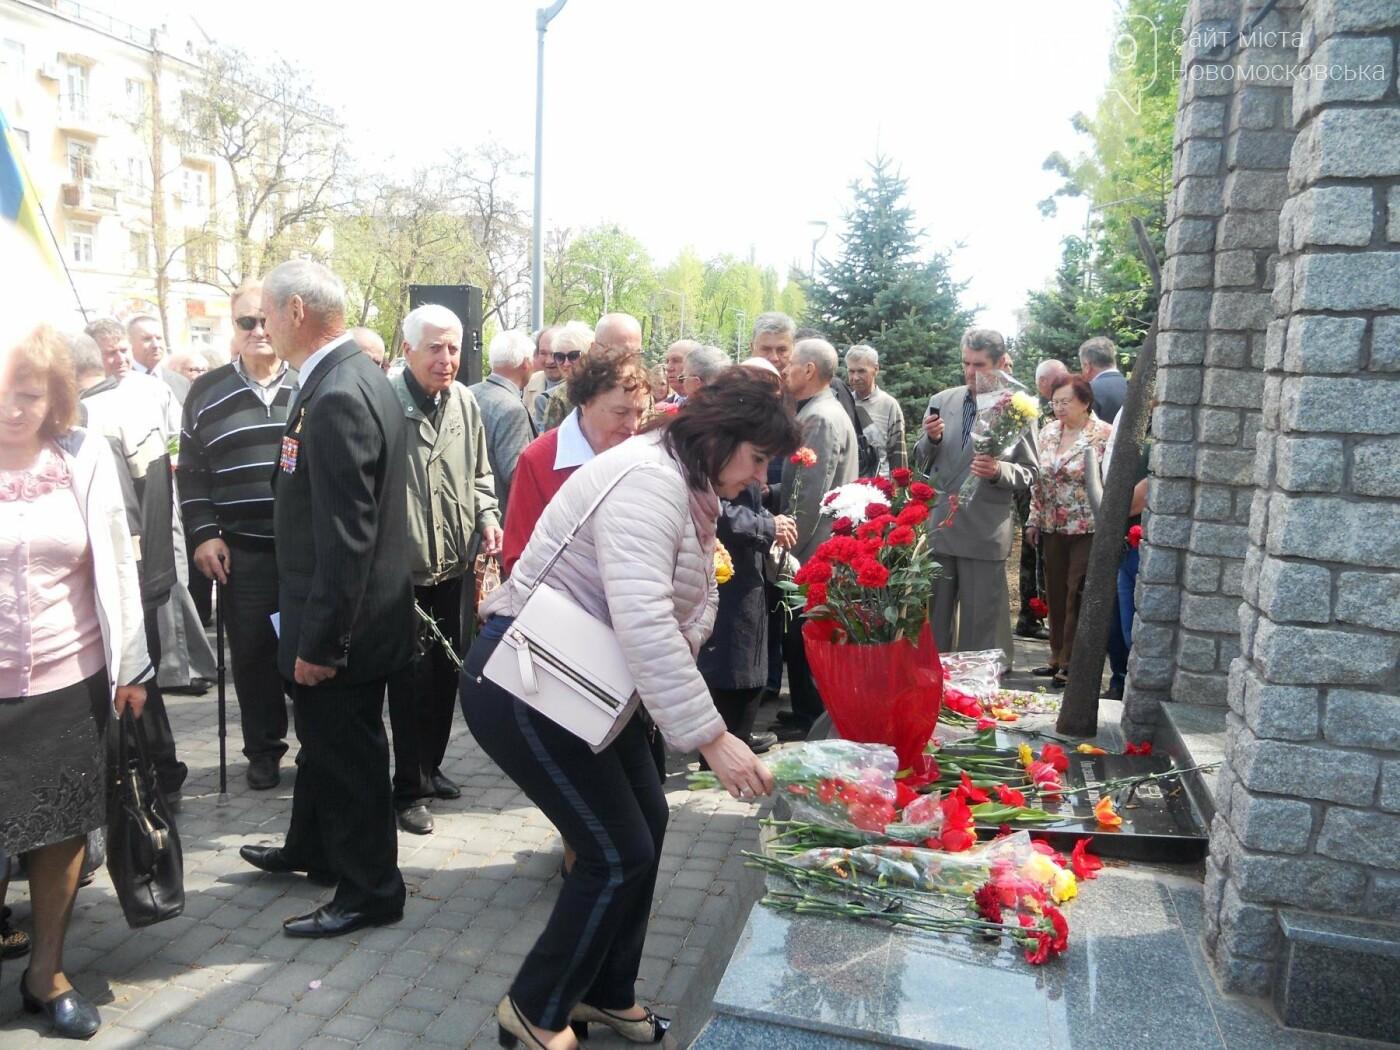 В Новомосковську відзначили річницю Чорнобильської катастрофи, фото-18